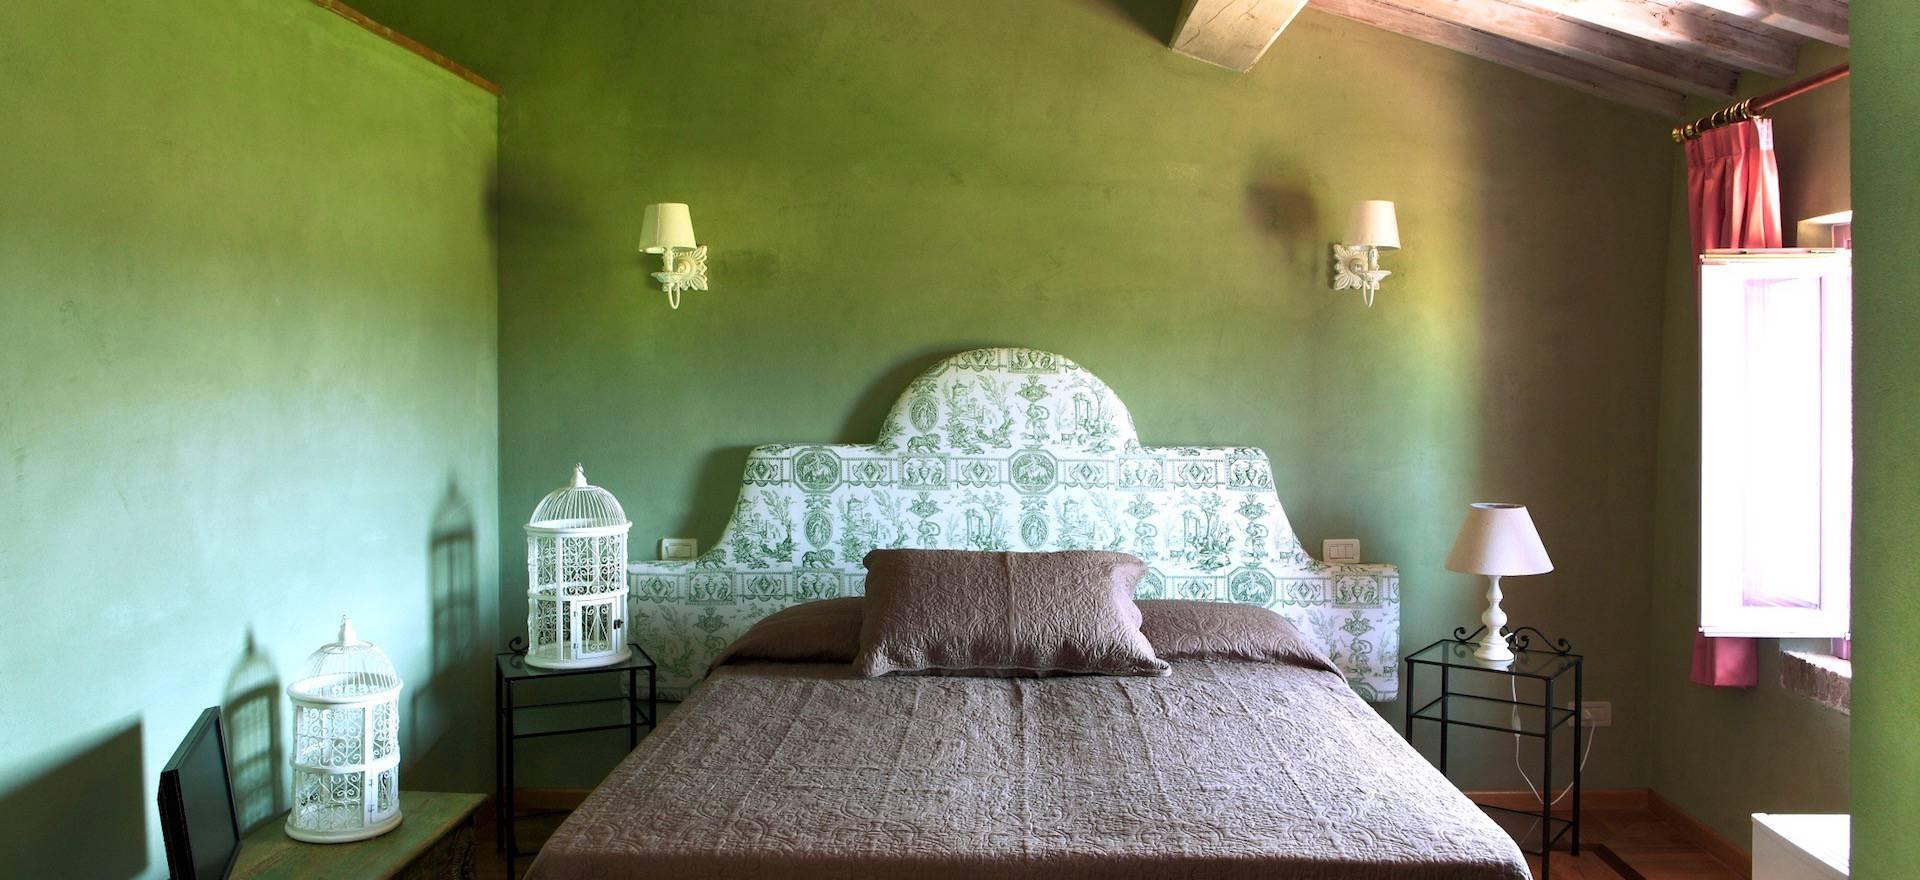 Agriturismo Tuscany Wonderful agriturismo in Tuscany with stylish rooms